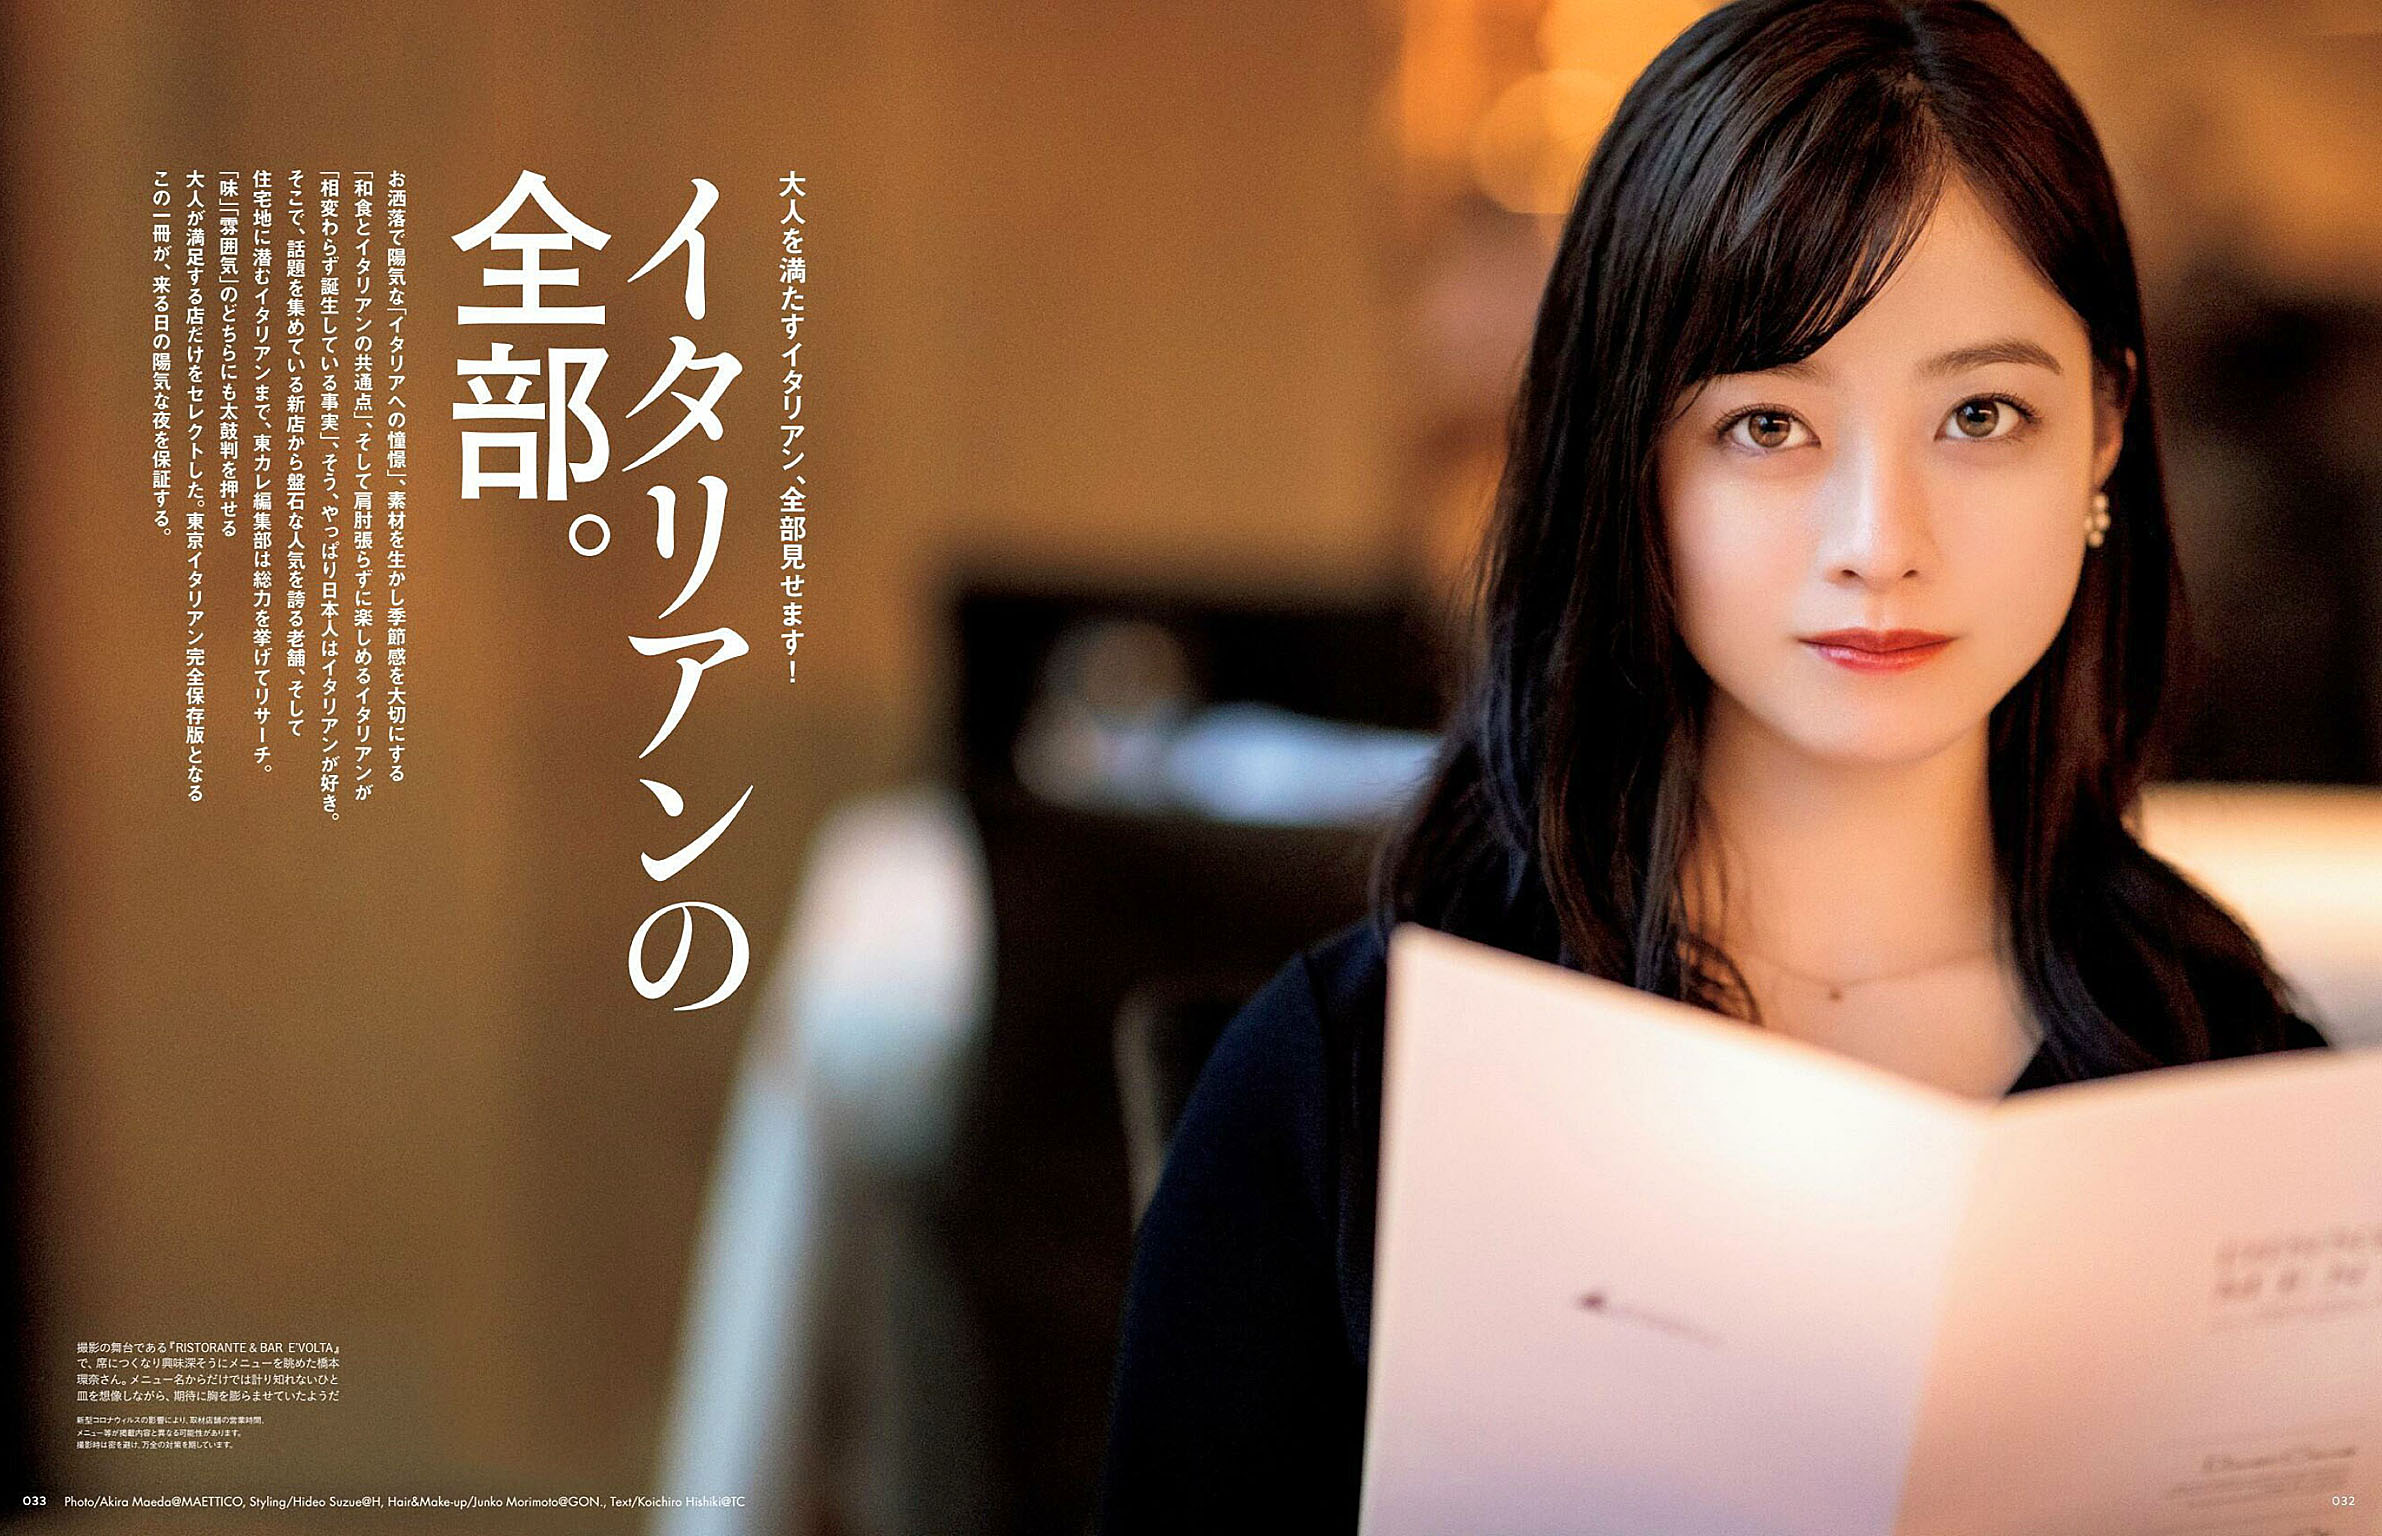 KHashimoto Tokyo Calendar 2109 02.jpg